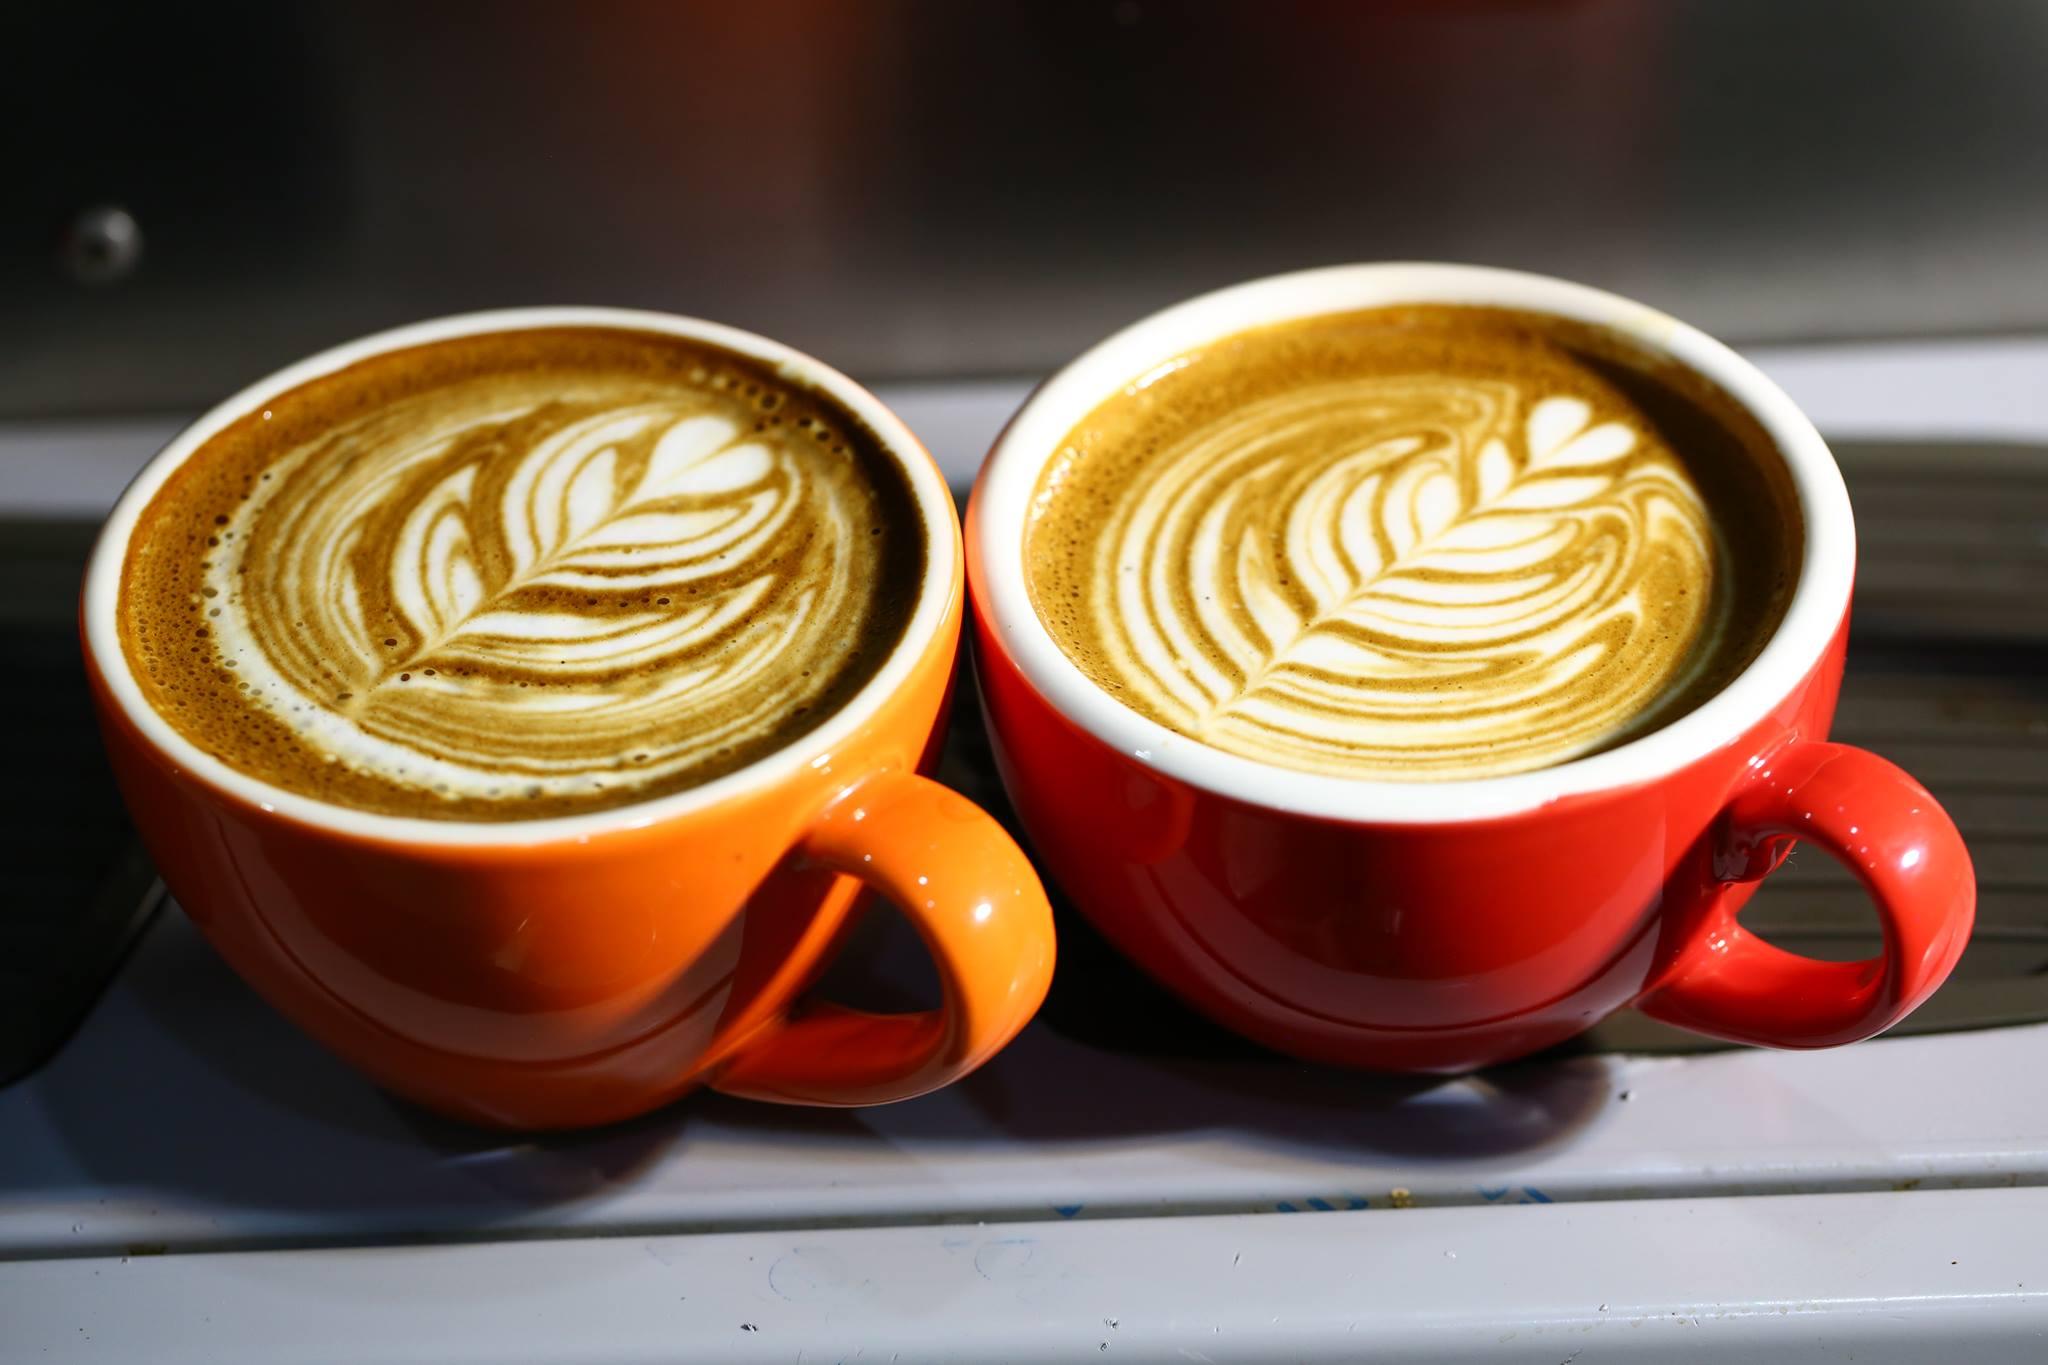 Cafe Ý Latte